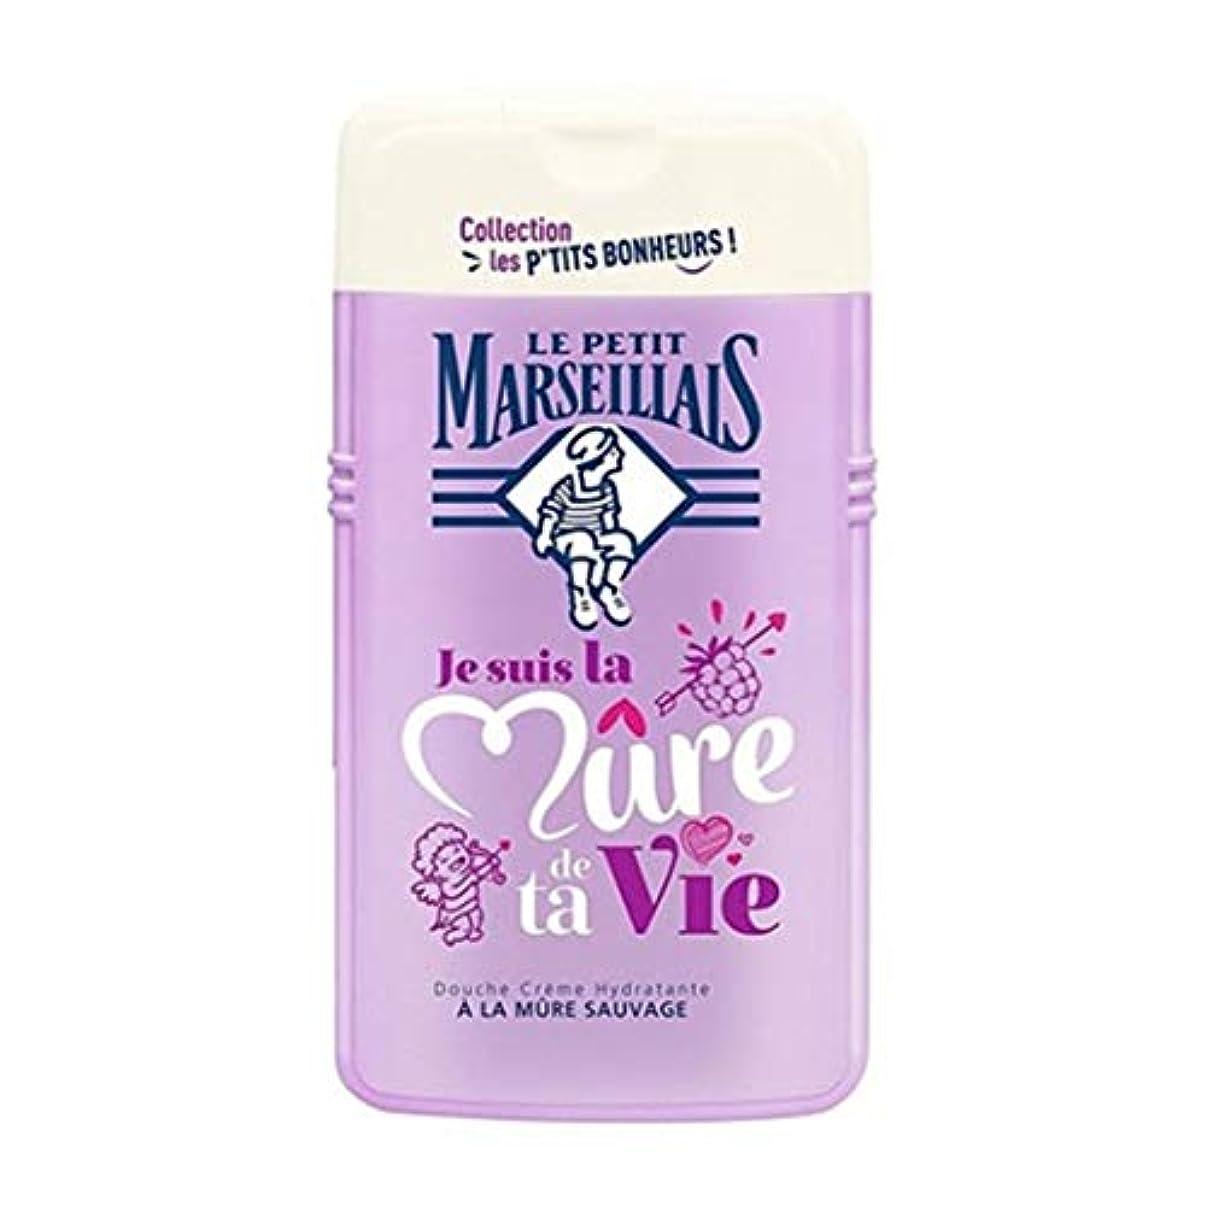 タンパク質宿泊施設然とした「ブラックベリー」シャワークリーム ???? フランスの「ル?プティ?マルセイユ (Le Petit Marseillais)」 les P'TITS BONHEURS 250ml ボディウォッシュ